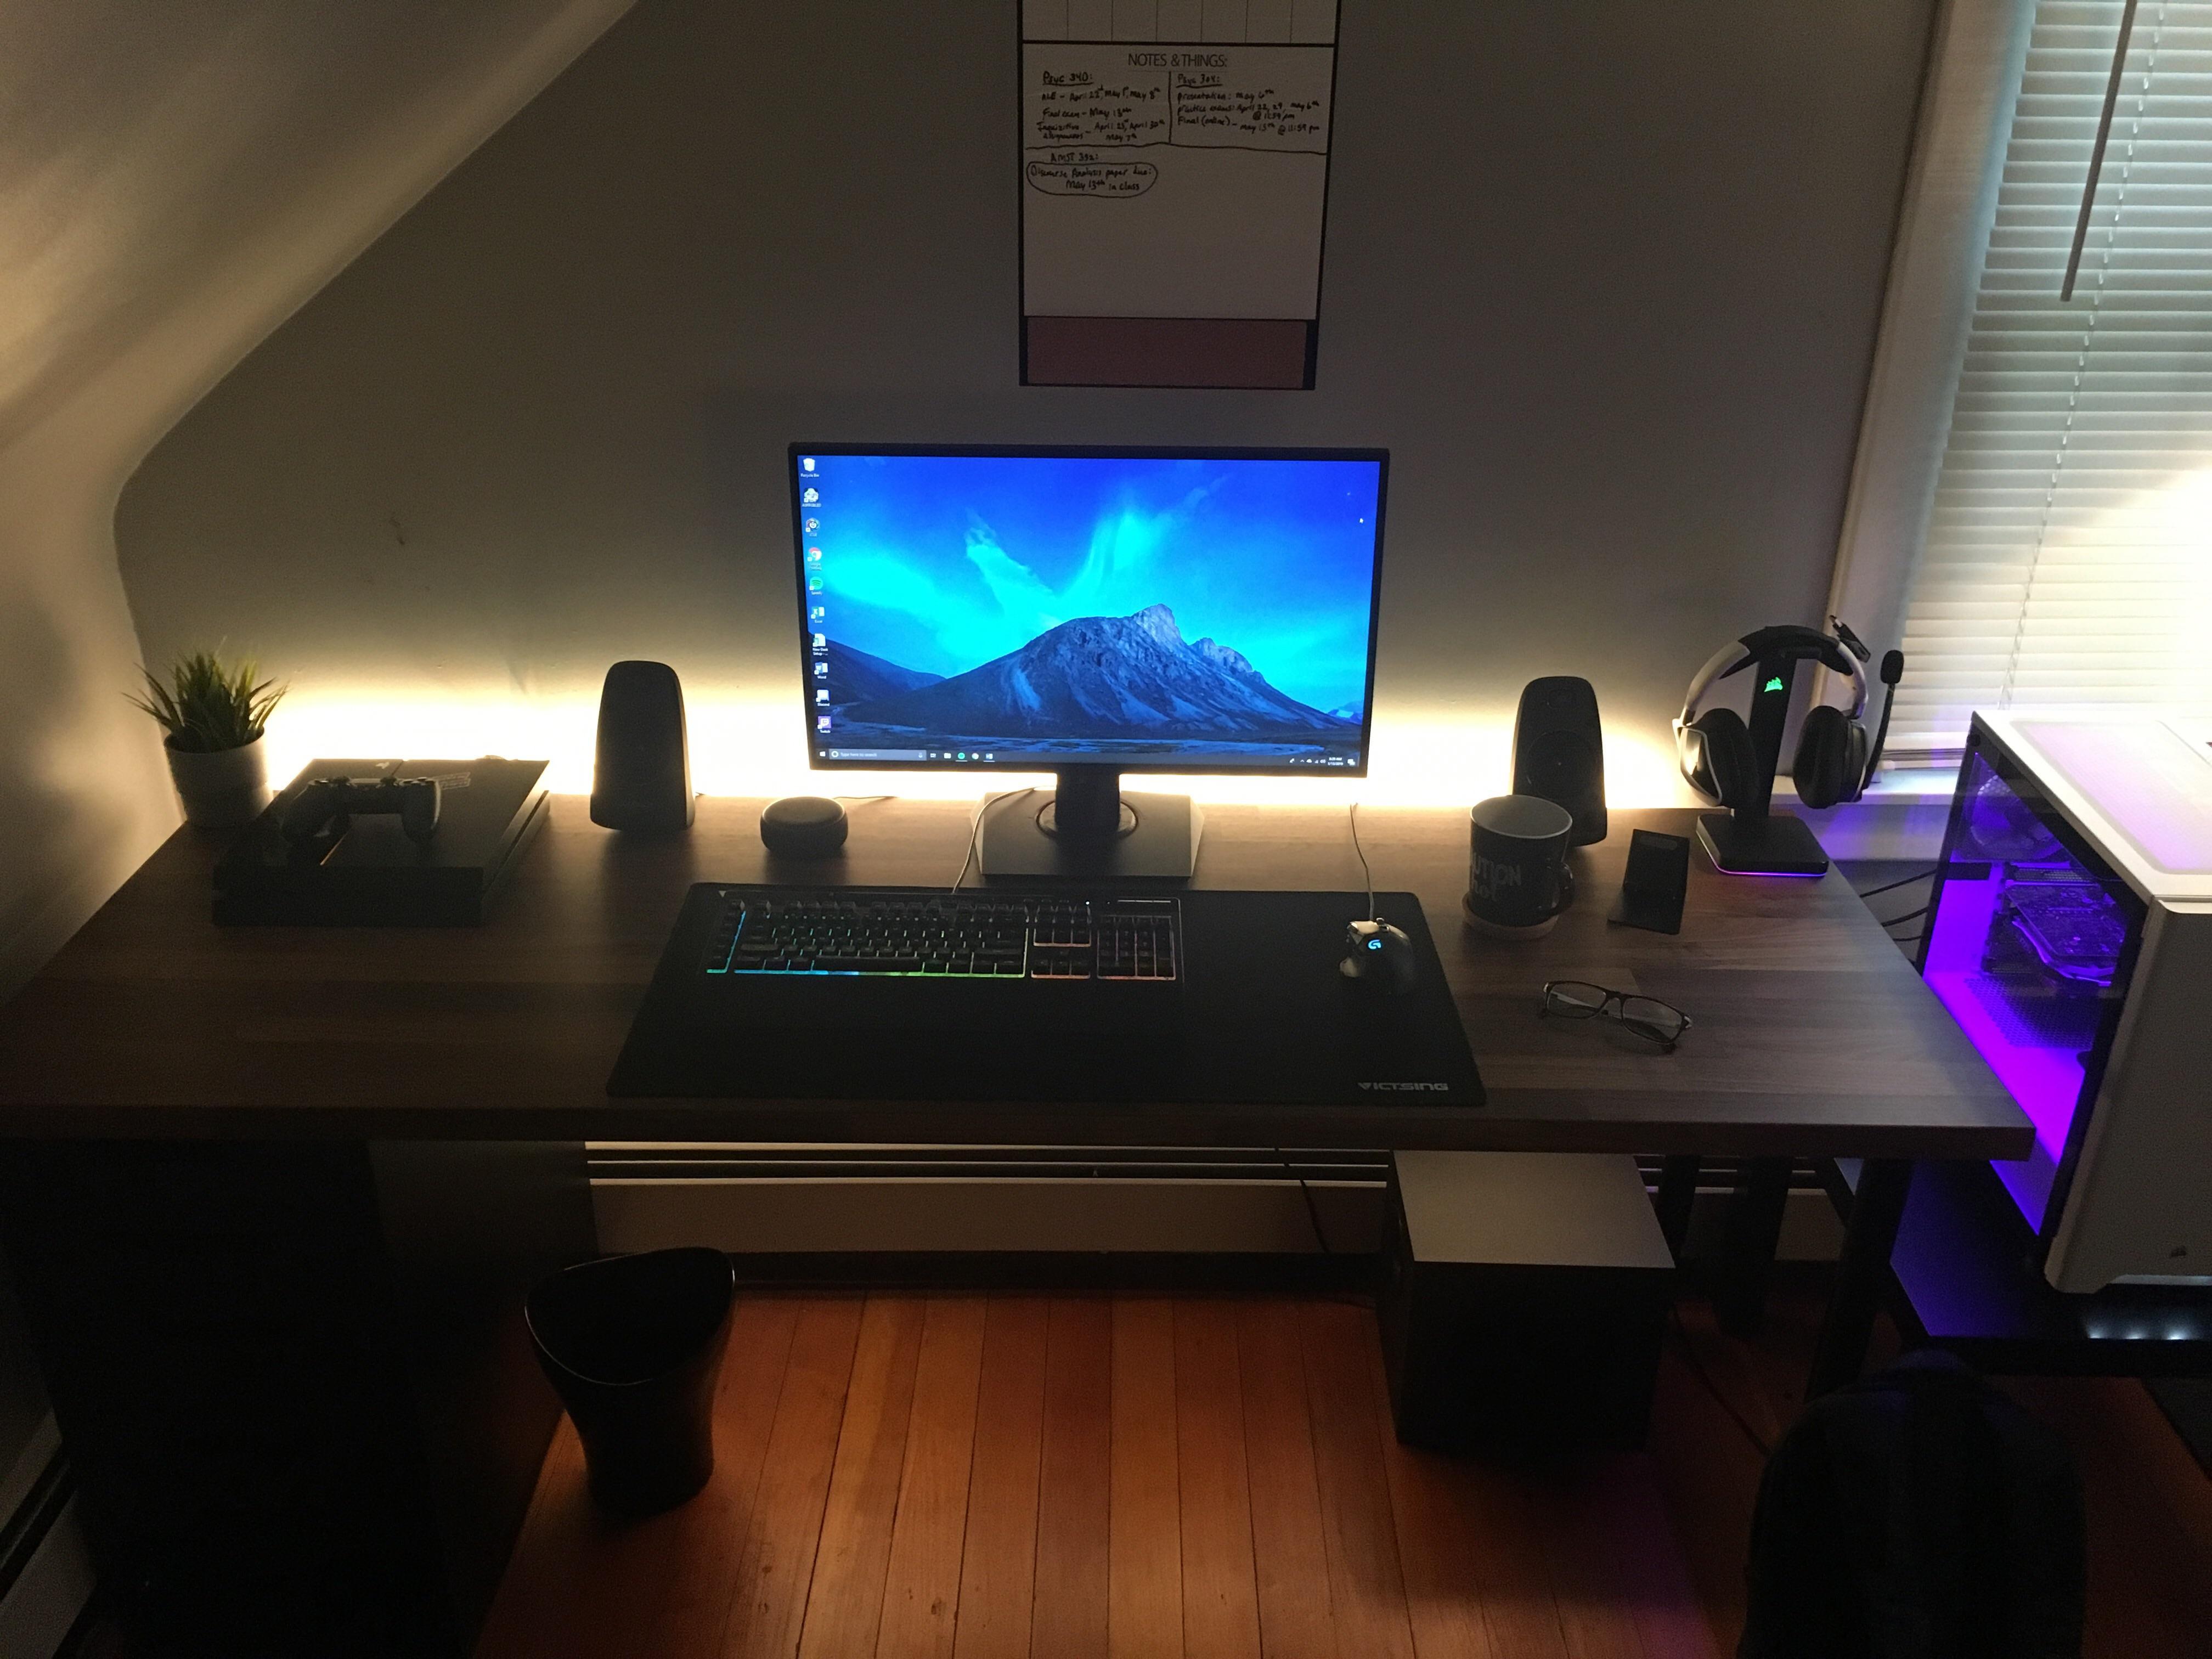 Diy Ikea Desk Build Pcmasterrace